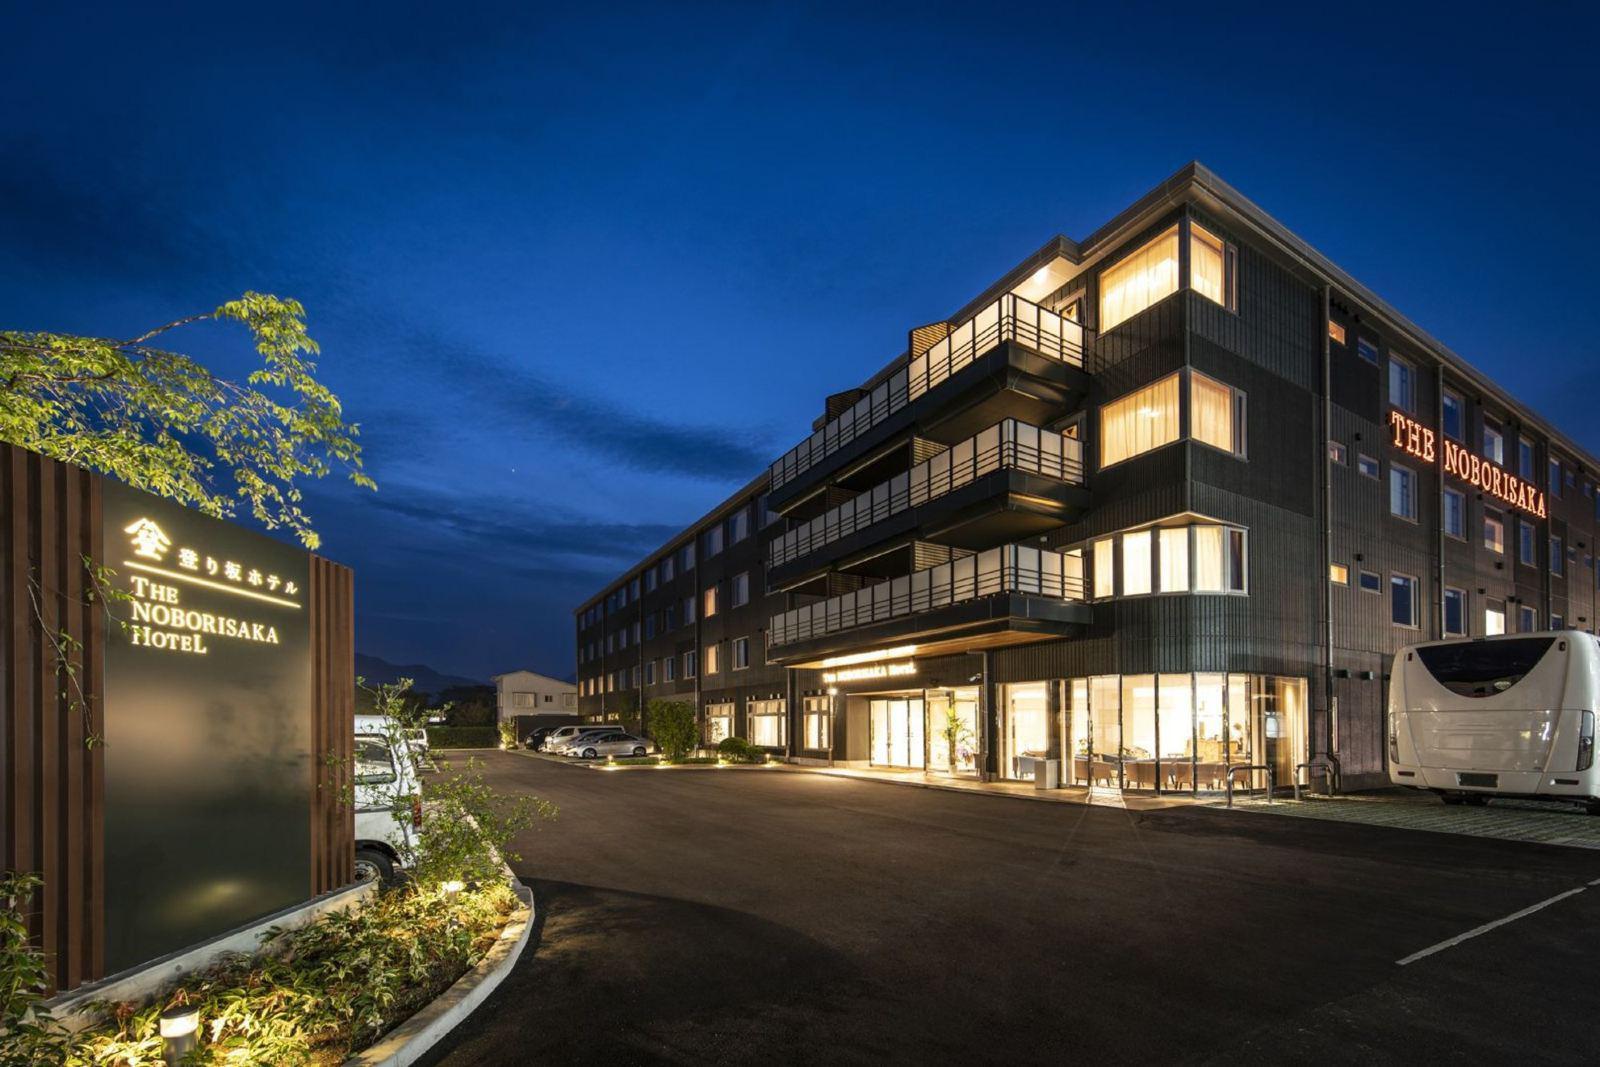 Hotel Noborisaka